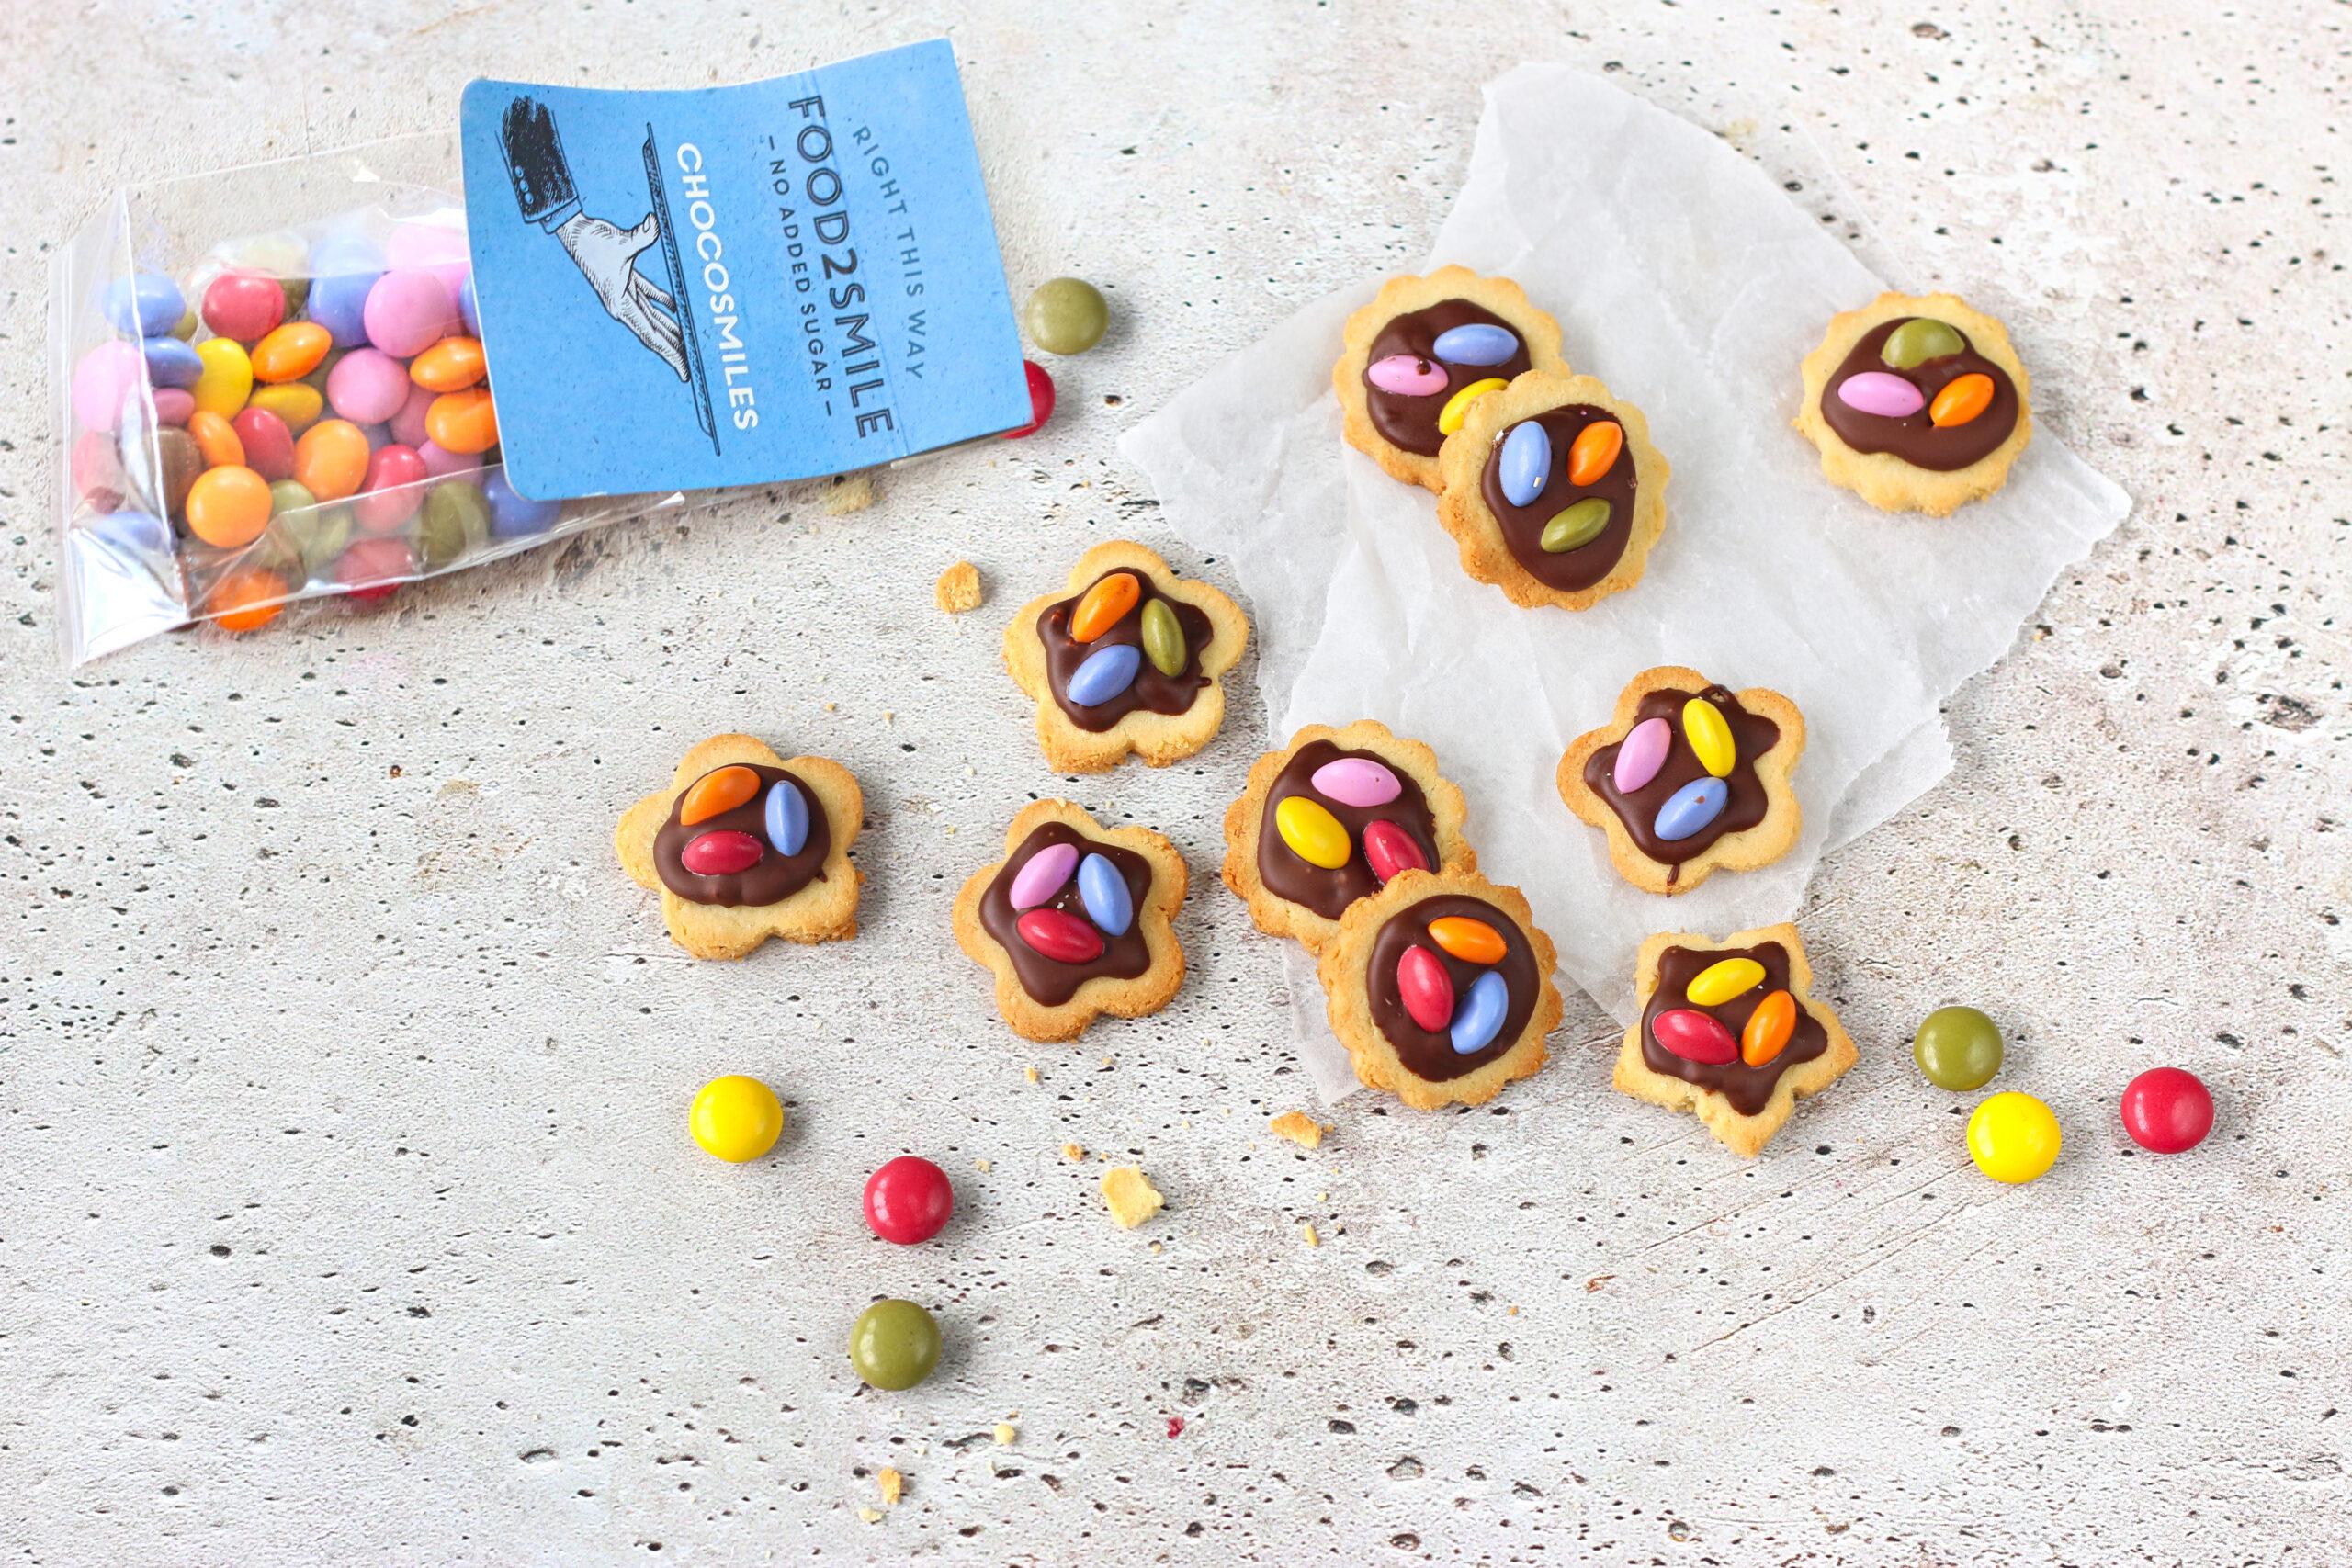 koekjes met chocosmiles bakken zonder toegevoegde suiker